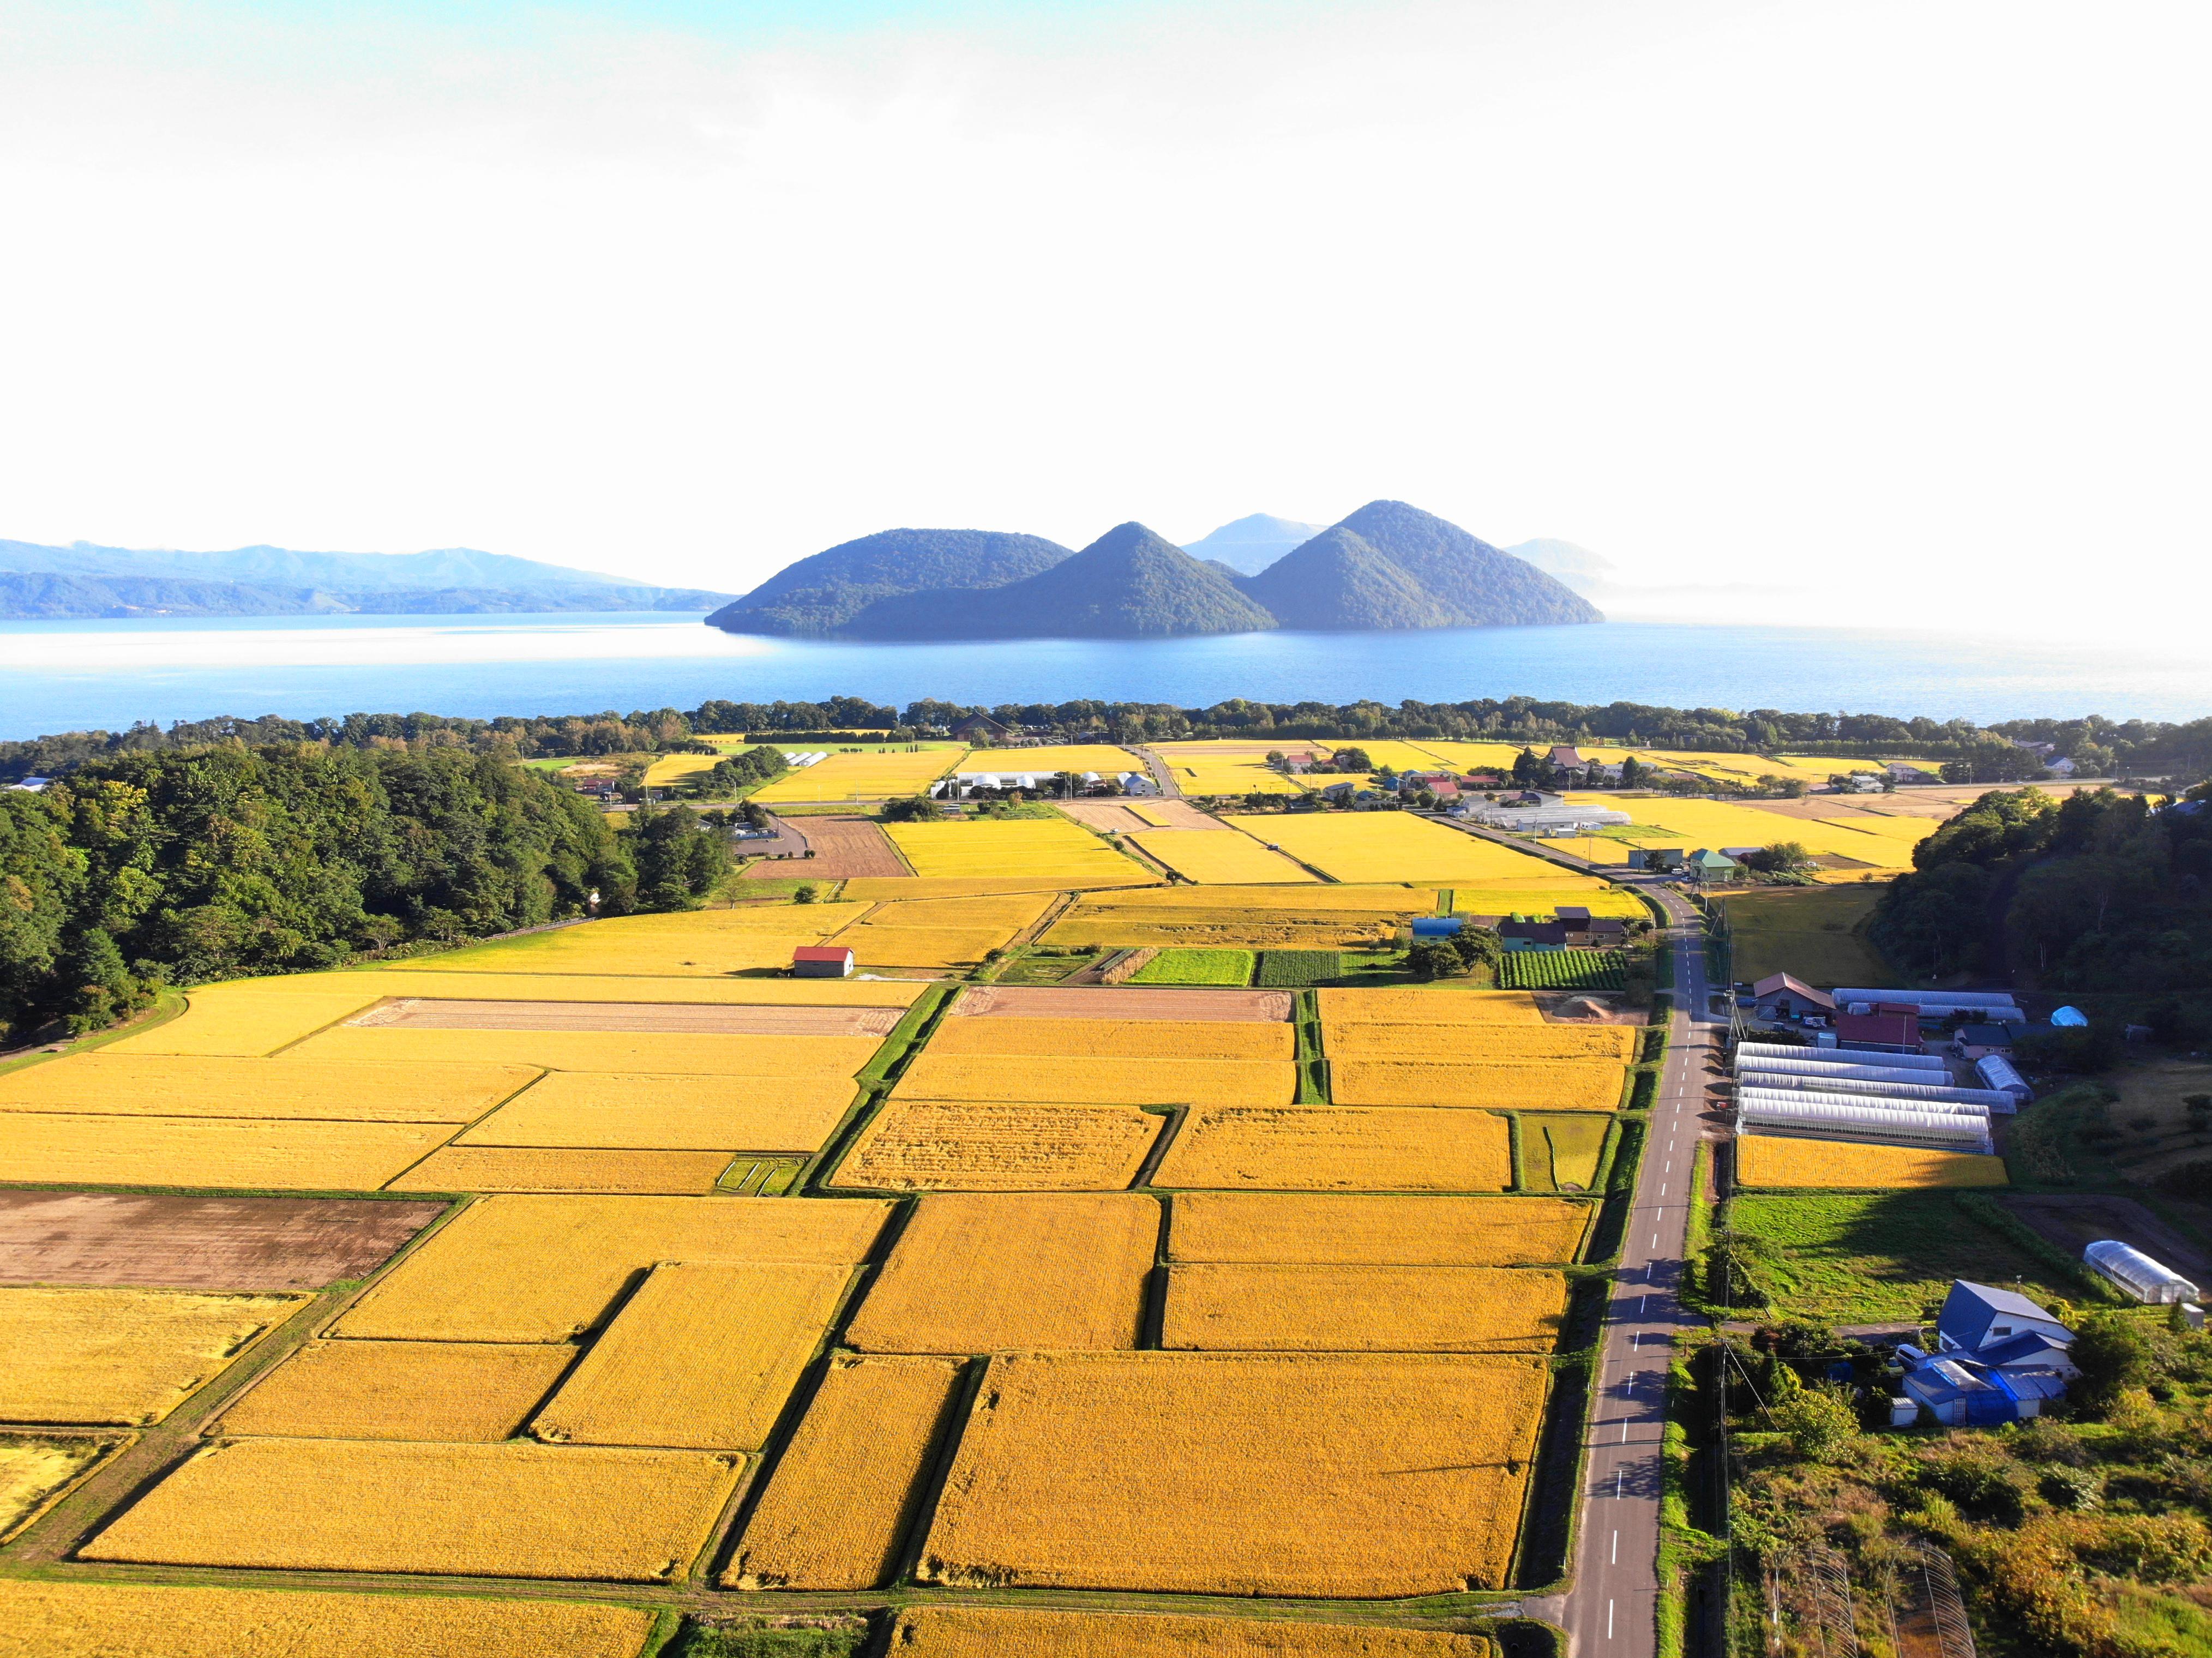 洞爺湖町の風景画像